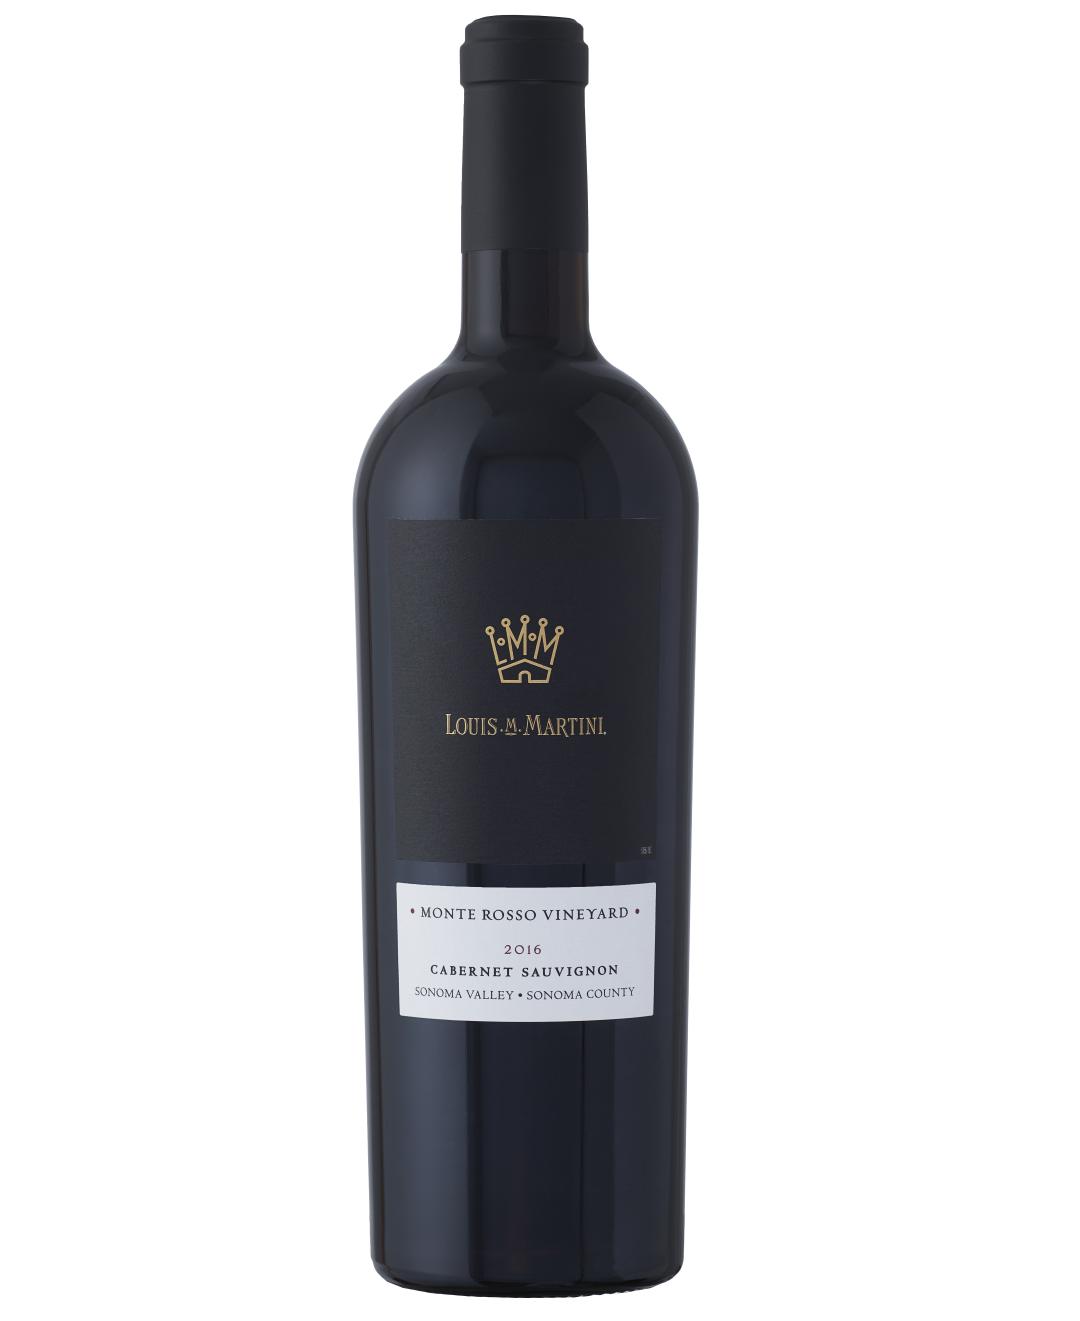 2016 Louis M. Martini Cabernet Sauvignon Monte Rosso Vineyard